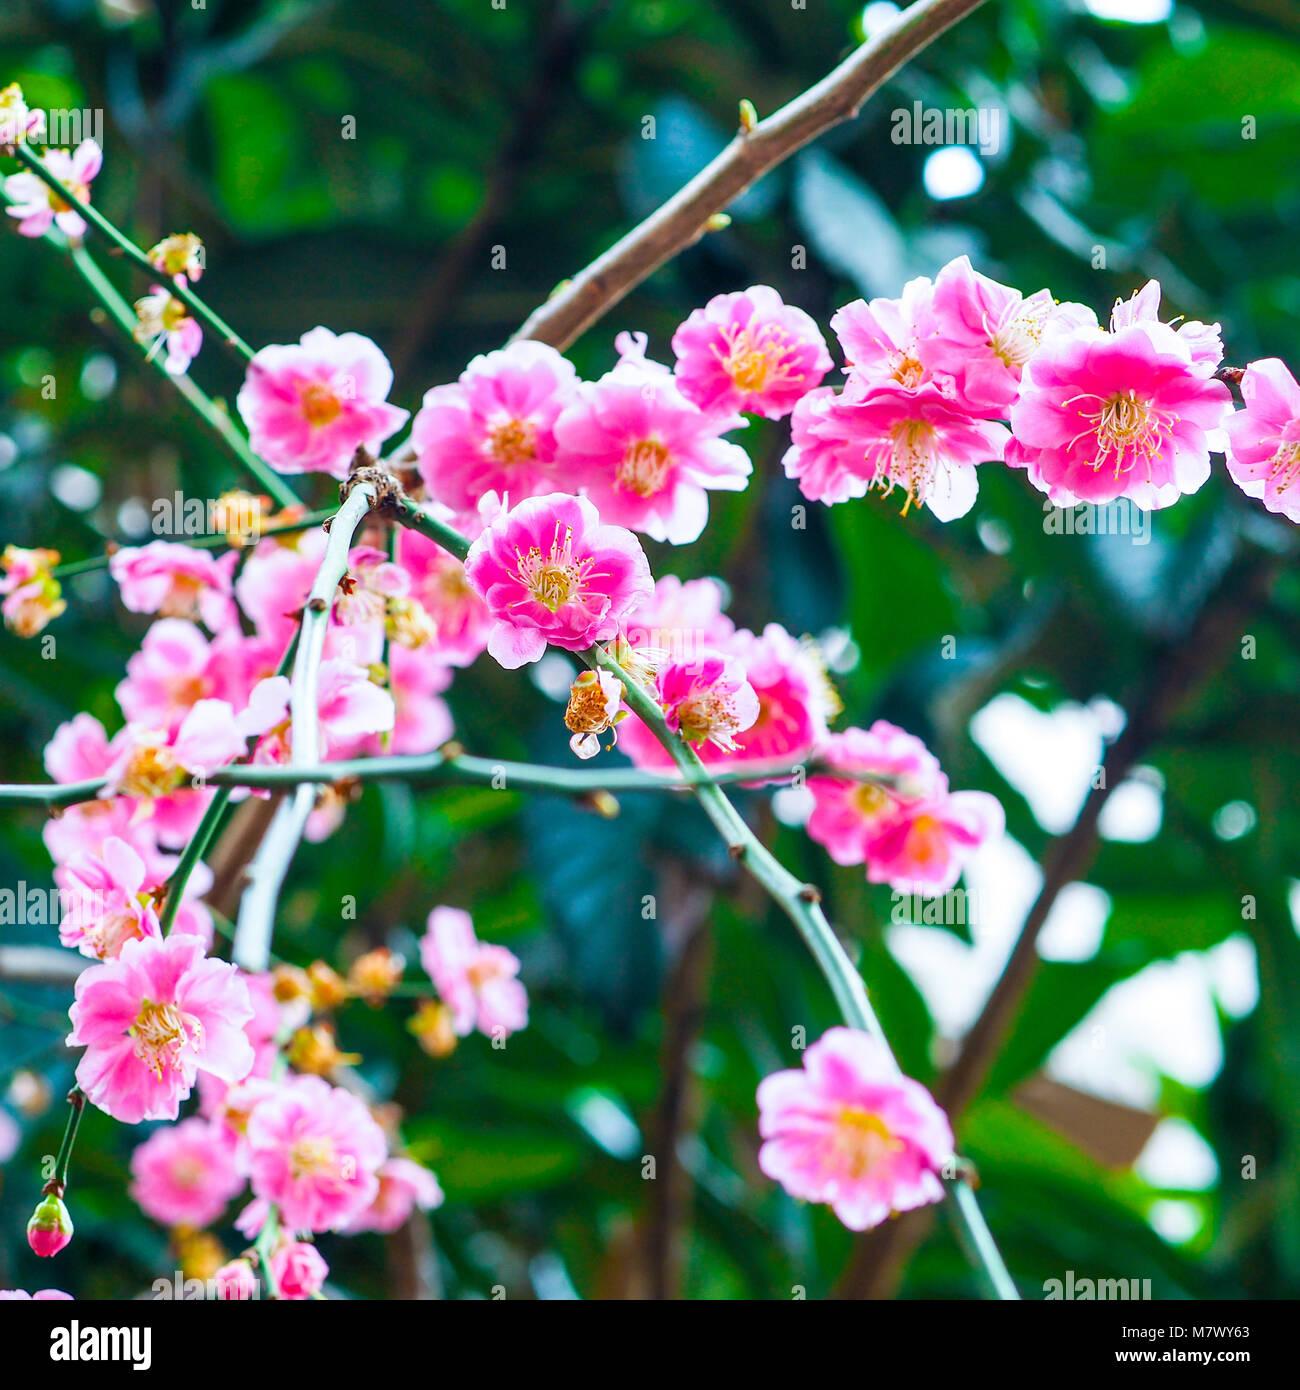 Des Fleurs Rose Vif Anime Au Japon Libre De Branches Chargees De